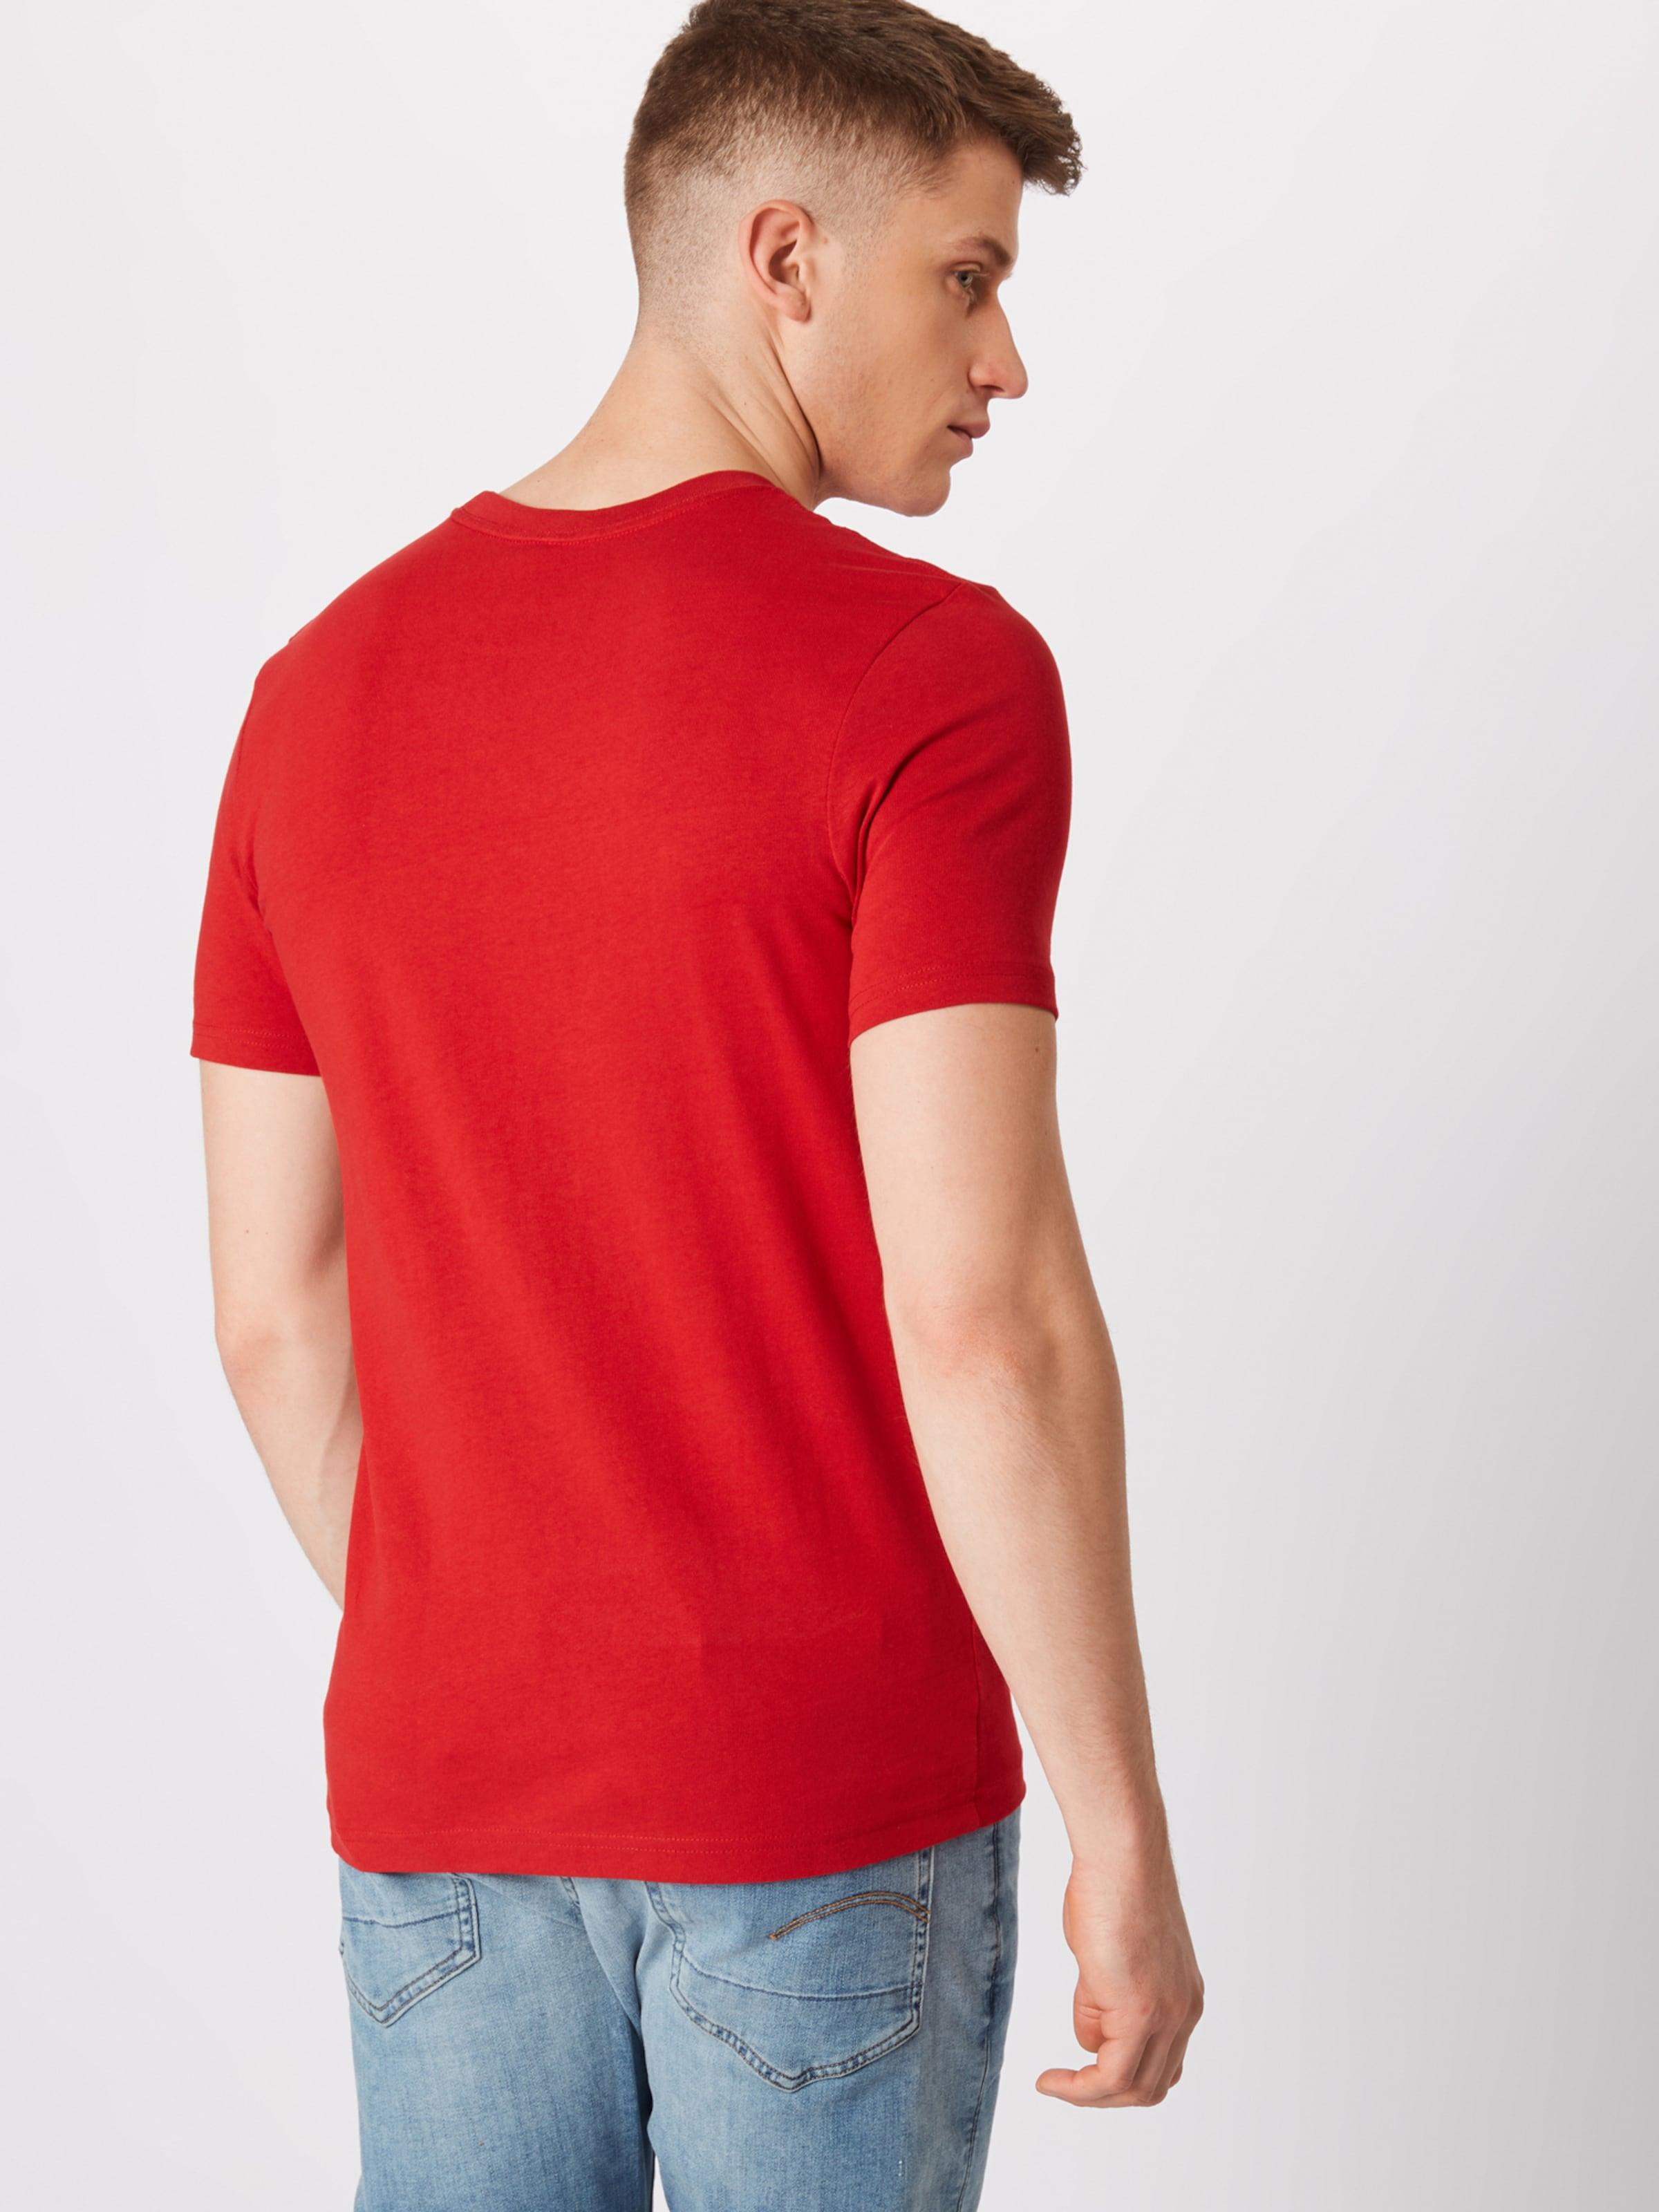 Raw RotWeiß 'graphic' In G Shirt star y7bf6g